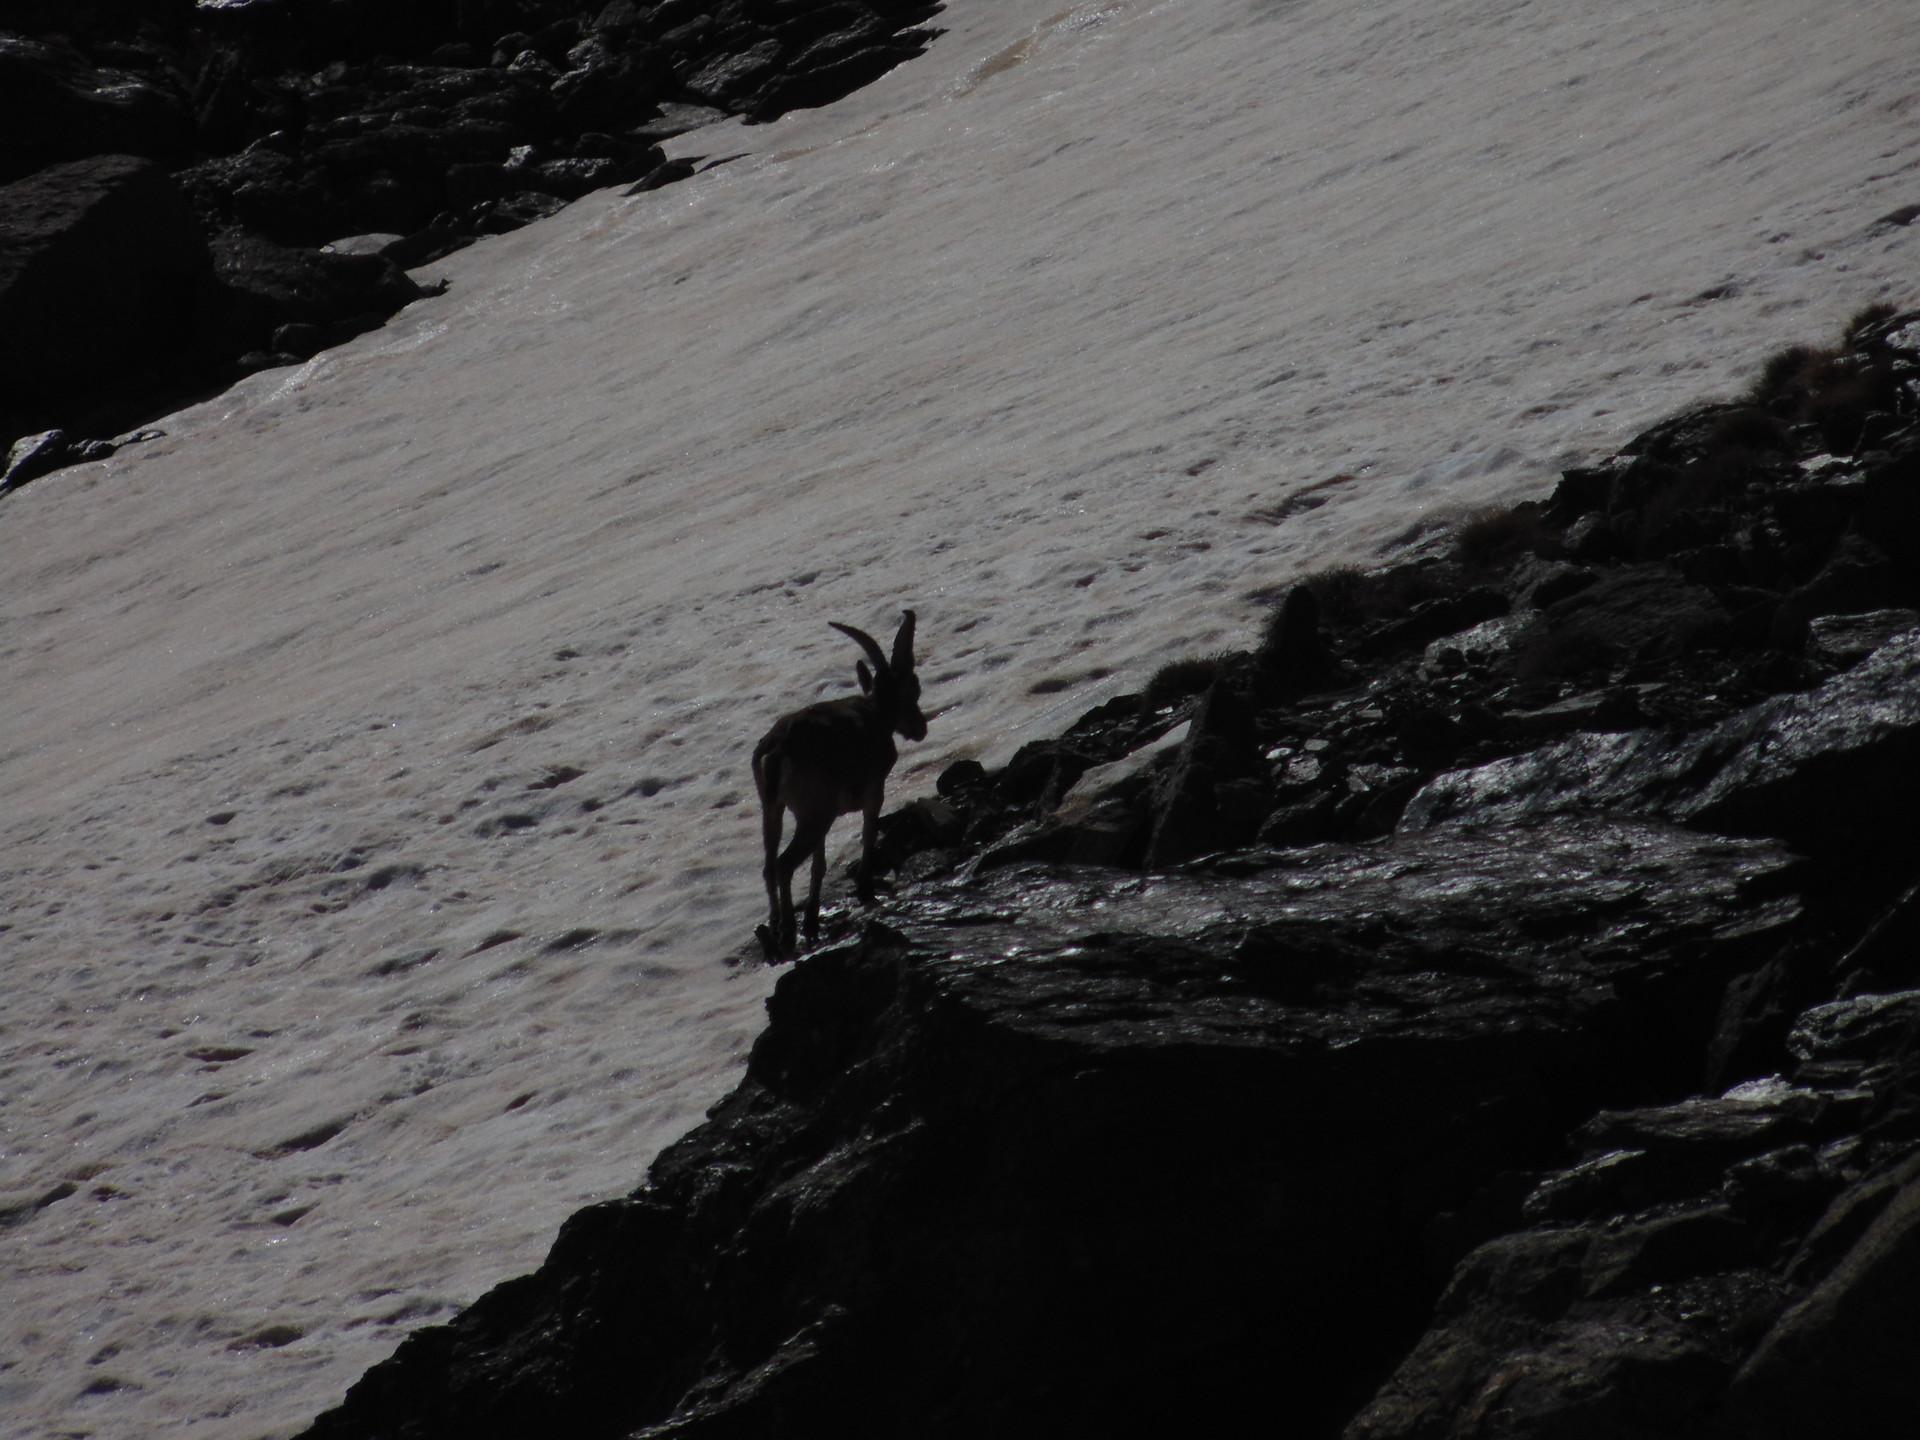 la-faune-de-sierra-nevada-cdc6b6b3f0315e